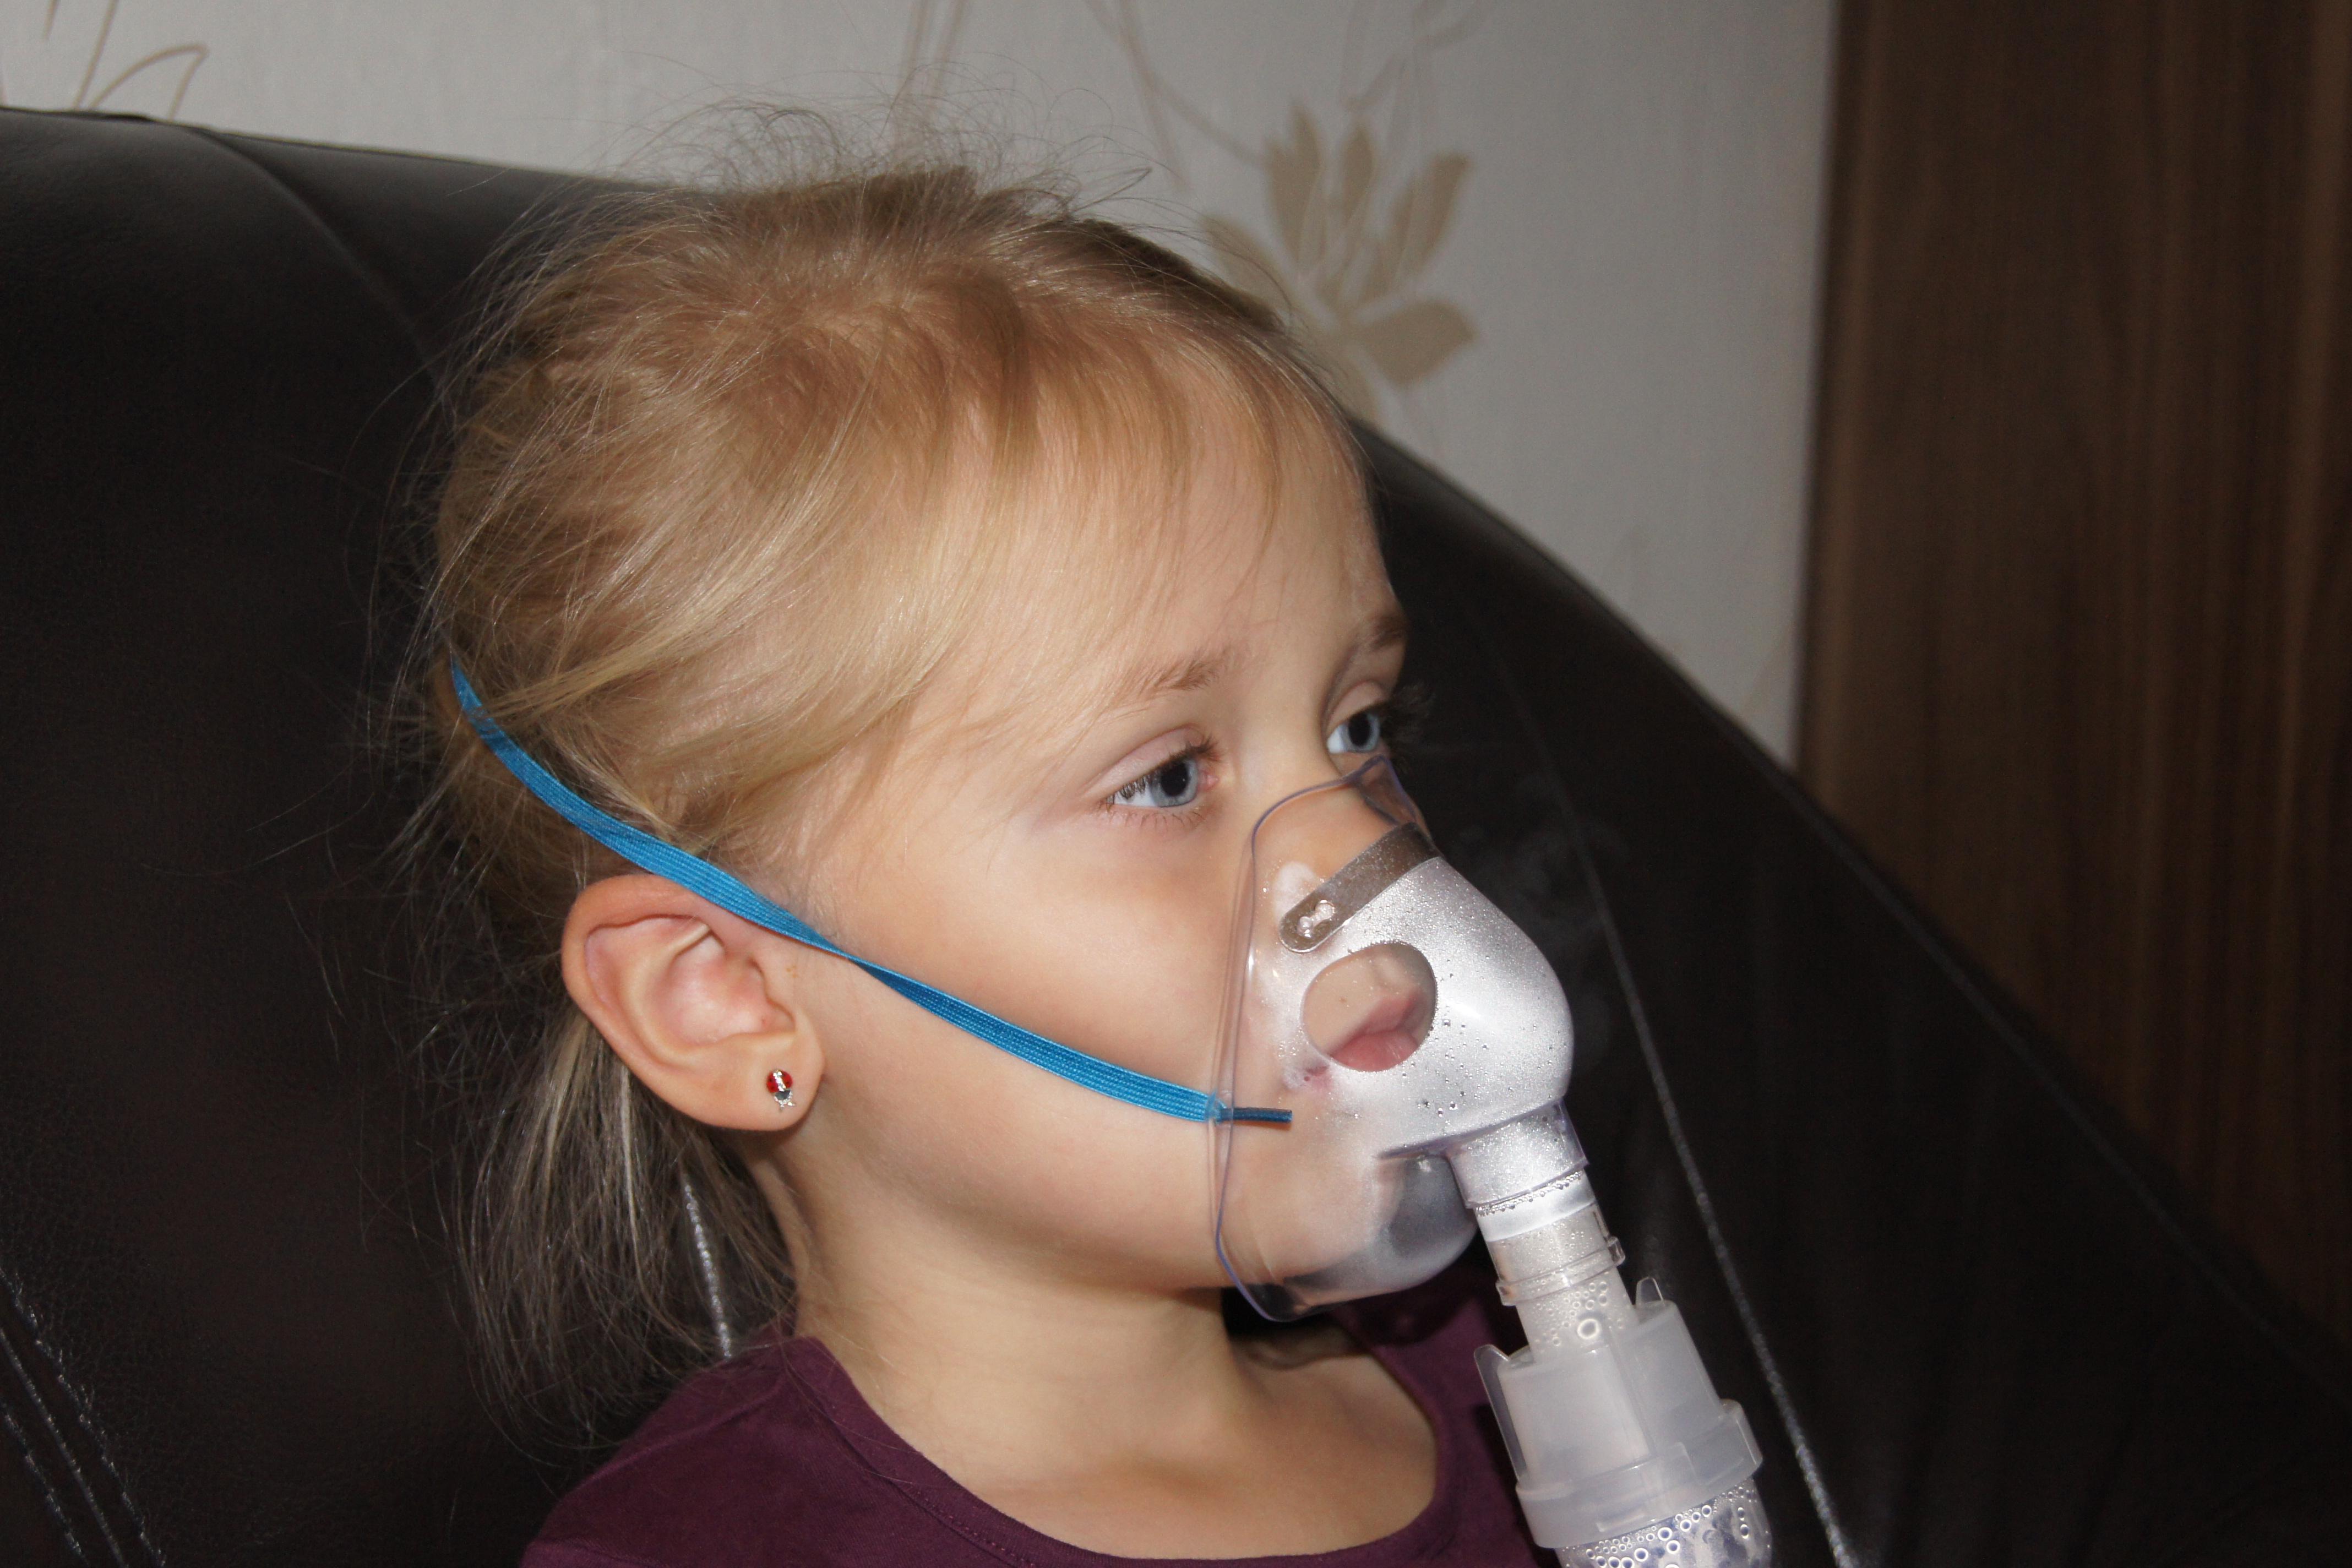 Nebulizator w użyciu :)